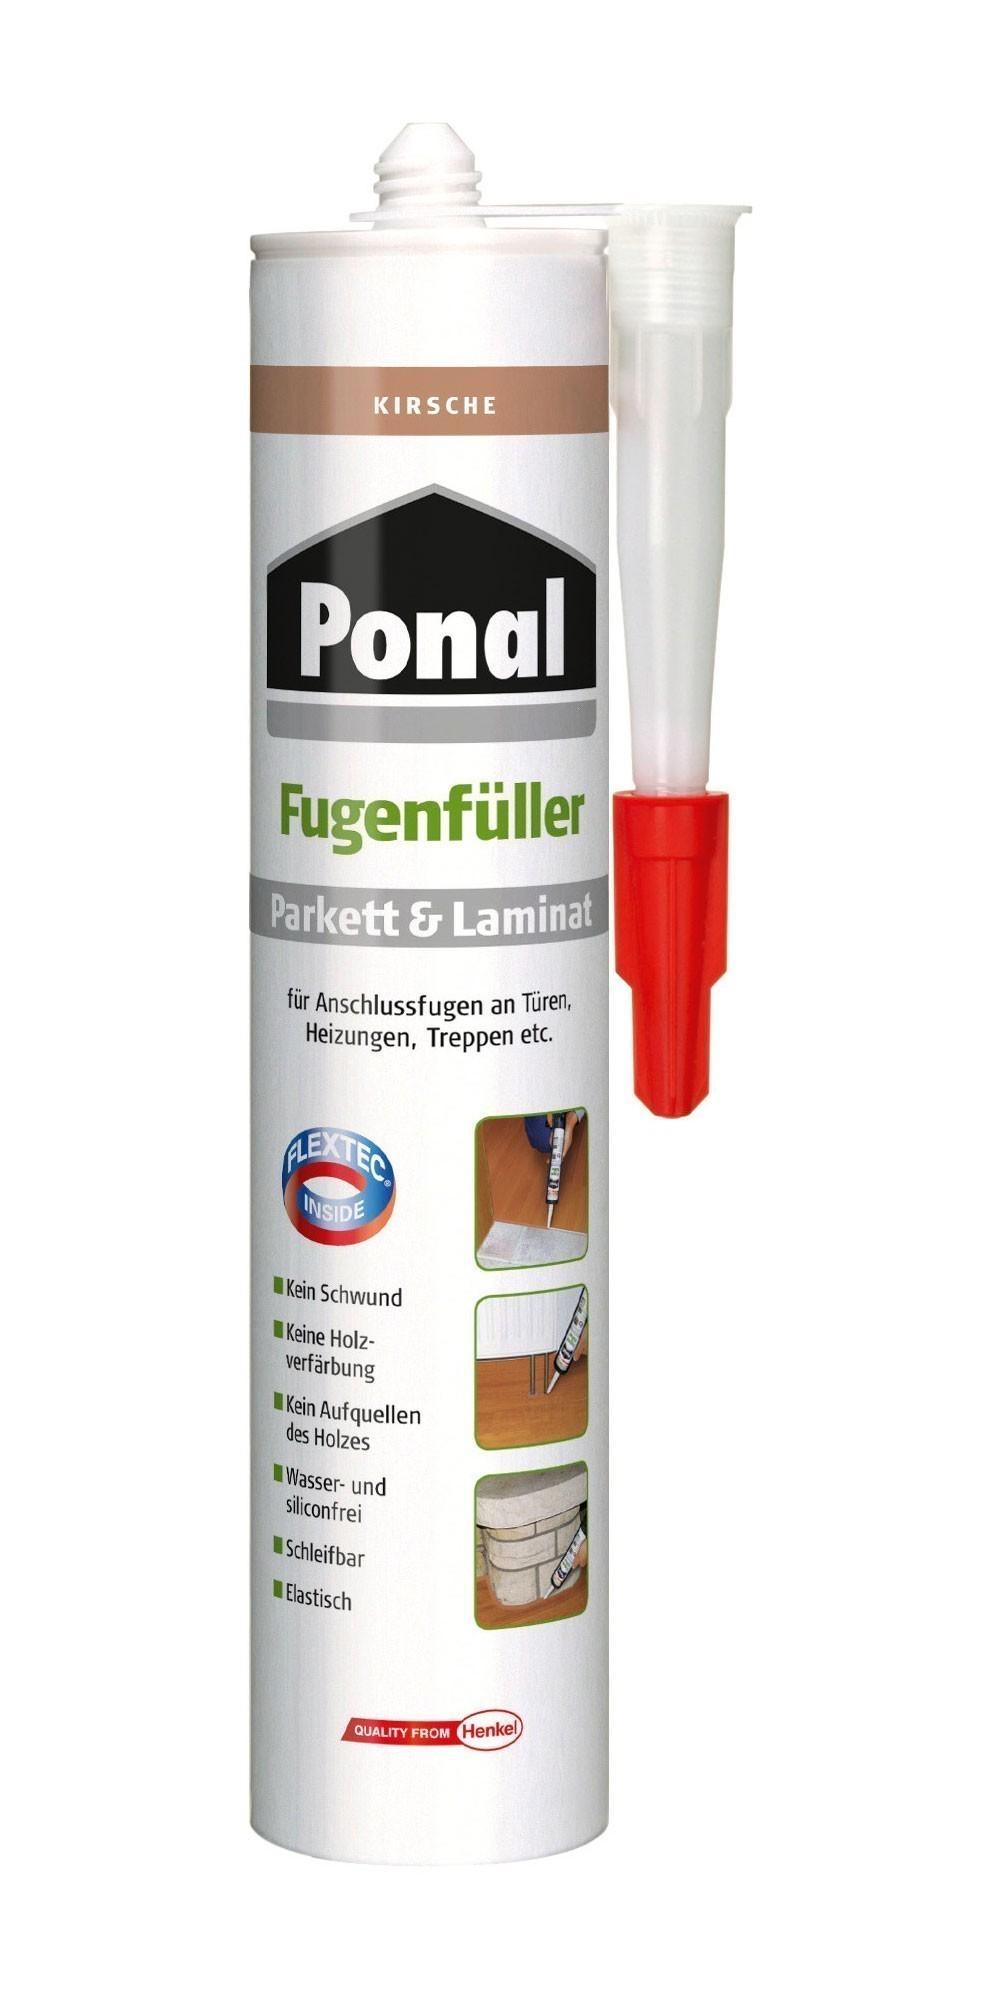 Ponal Fugenfüller Parkett / Laminat 280 ml Kirsche Bild 1